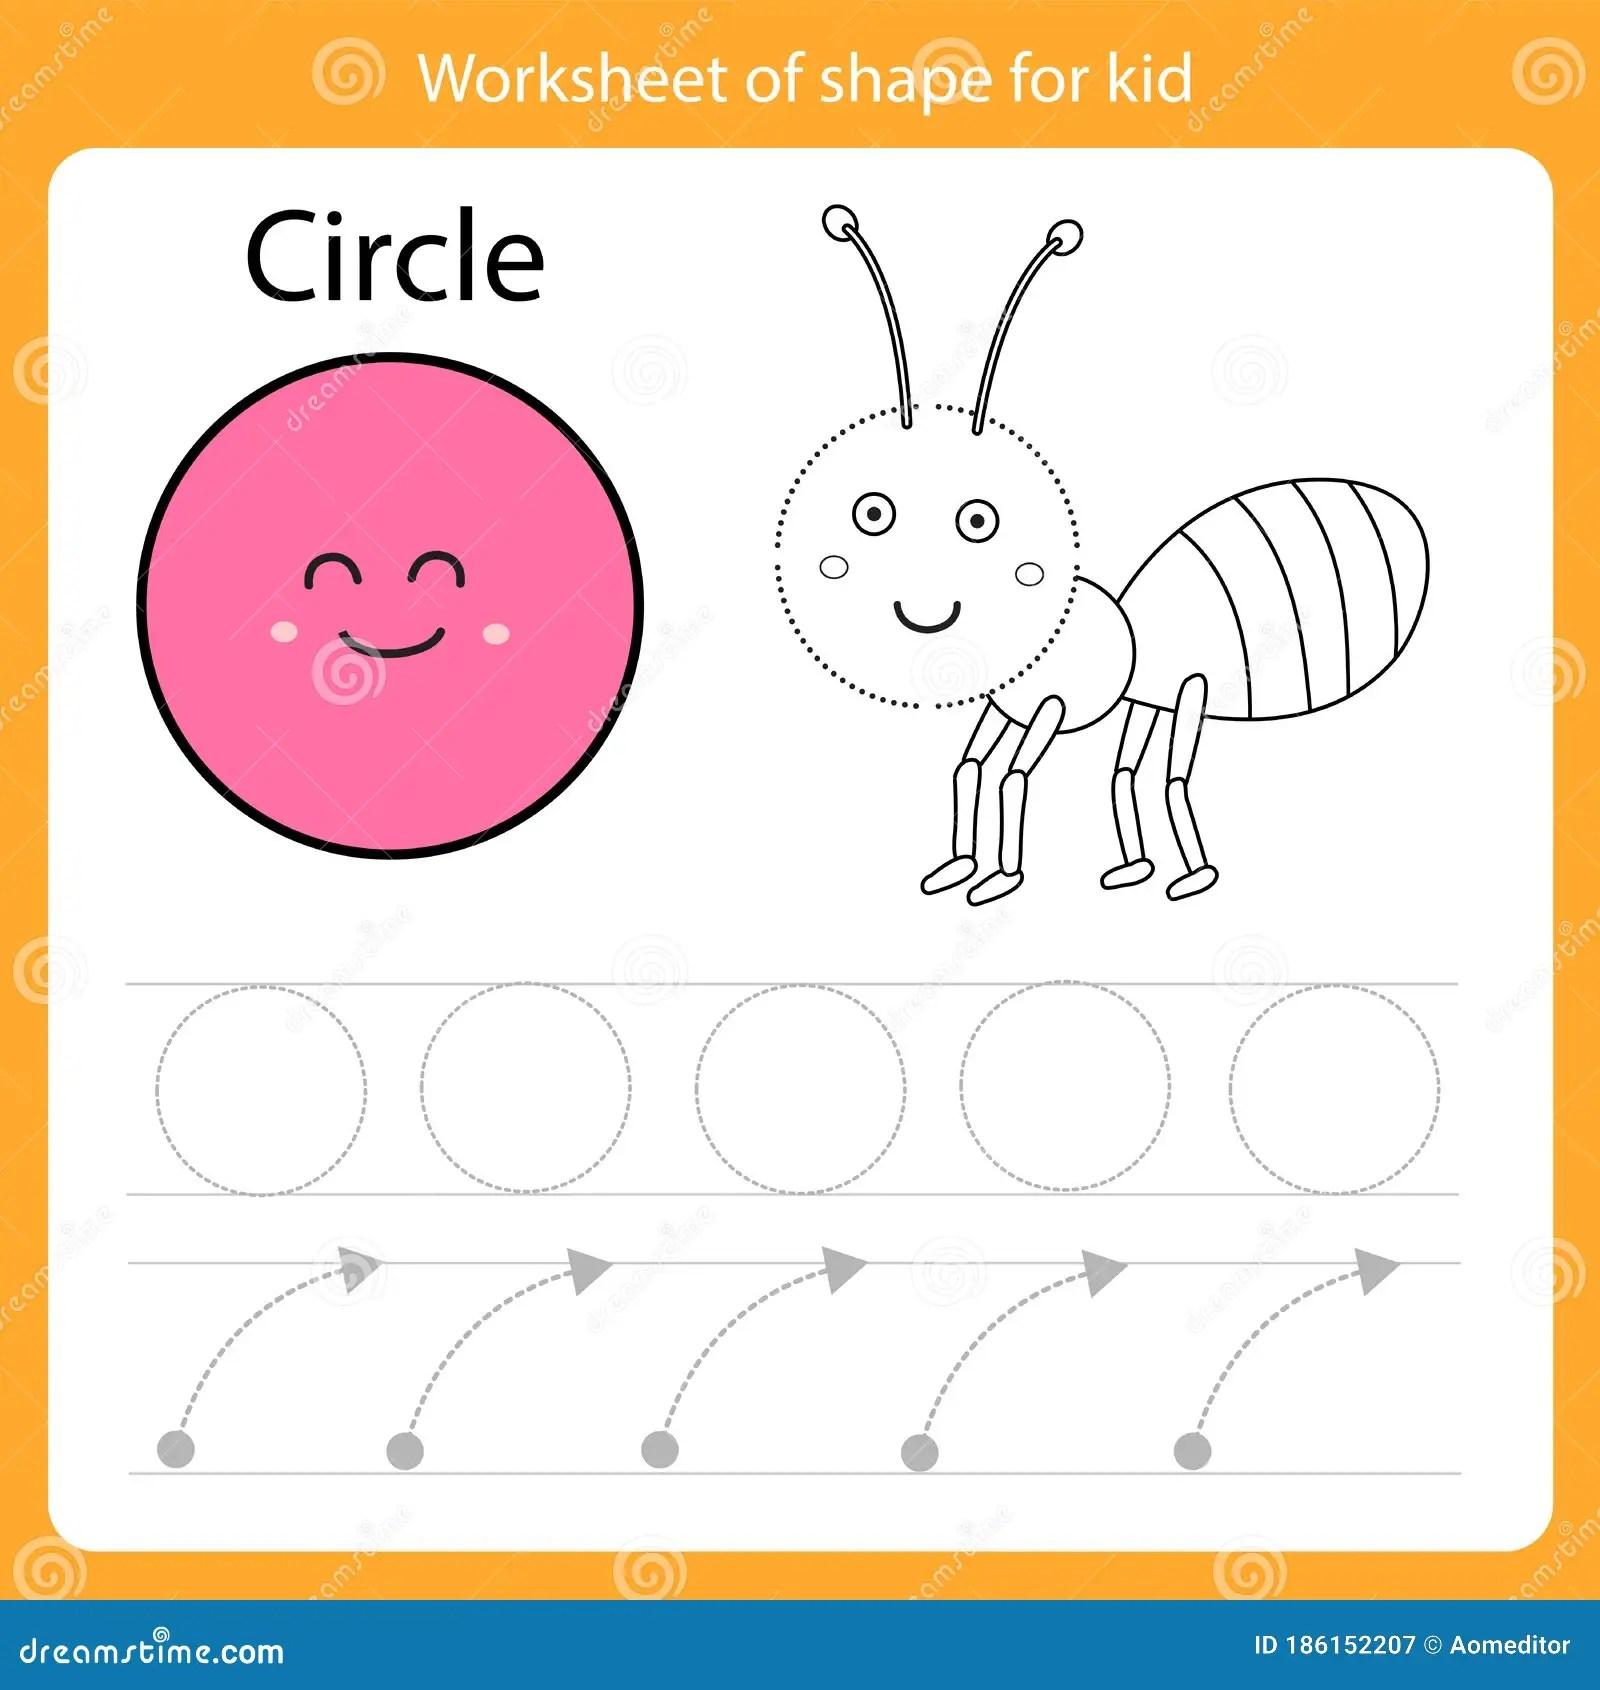 Illustrator Of Worksheet Of Shape For Kid Circle Stock